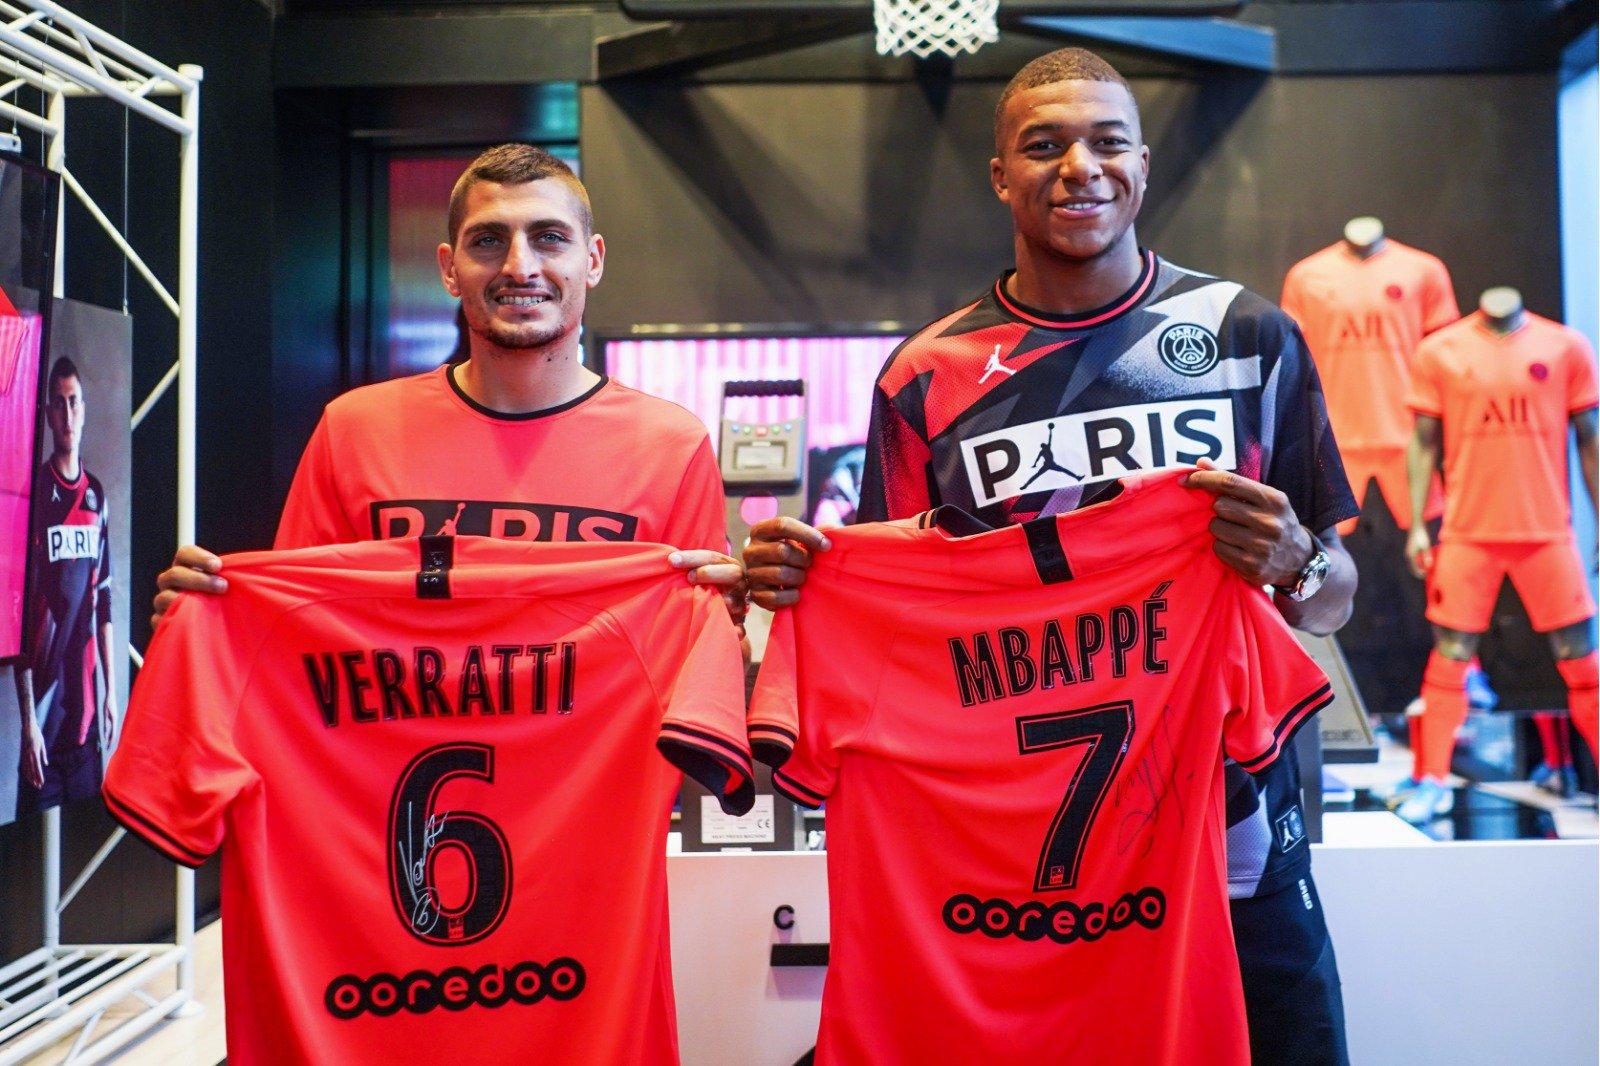 vértice Cementerio Fatídico  Jordan Brand apuesta por el infrarrojo para la camiseta suplente del PSG  19/20 presentada sin Neymar – La Jugada Financiera